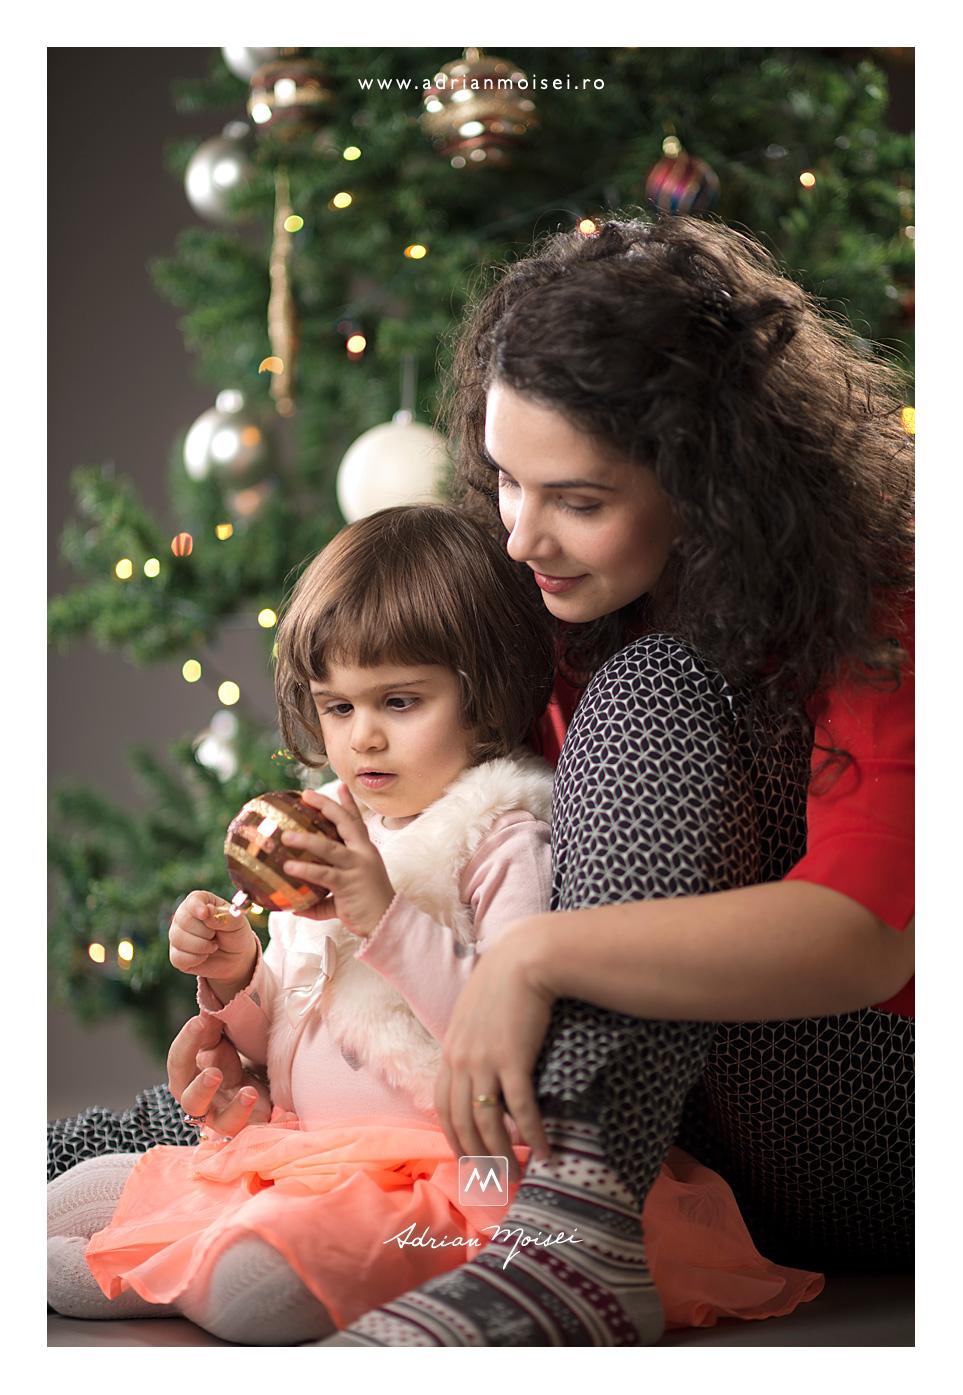 Mamica si fetita la sărbatoarea cea mai de preț pentru cei mici, de Crăciun, Adrian Moisei fotograf de familie Iași